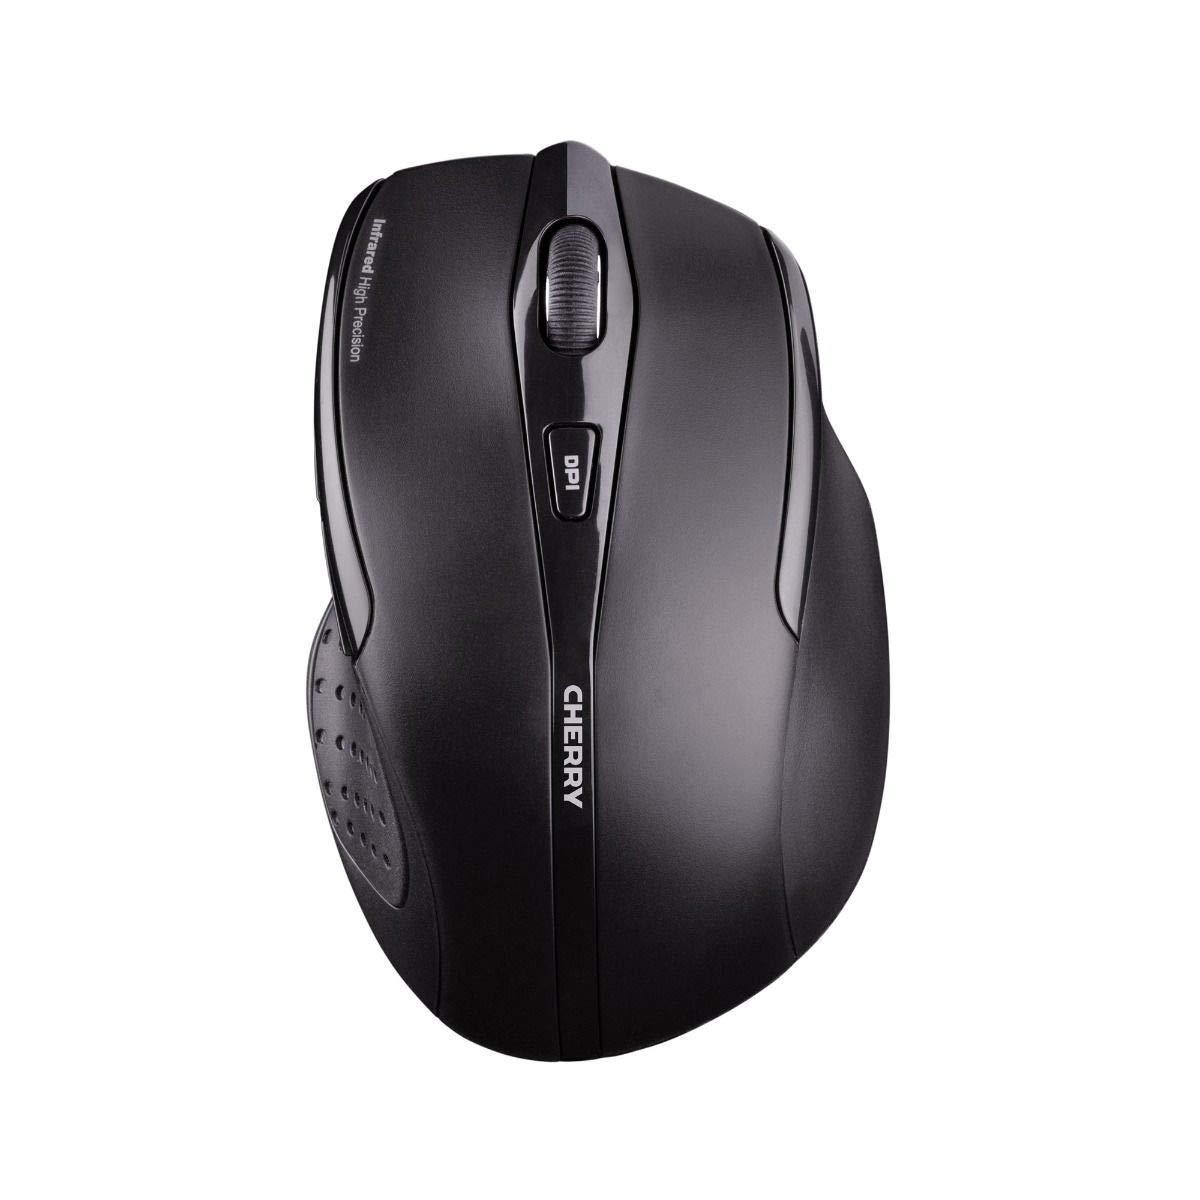 Cherry MW 3000 Wireless Mouse 2.4 GHz w/Nano USB Receiver, Black (UW7691)